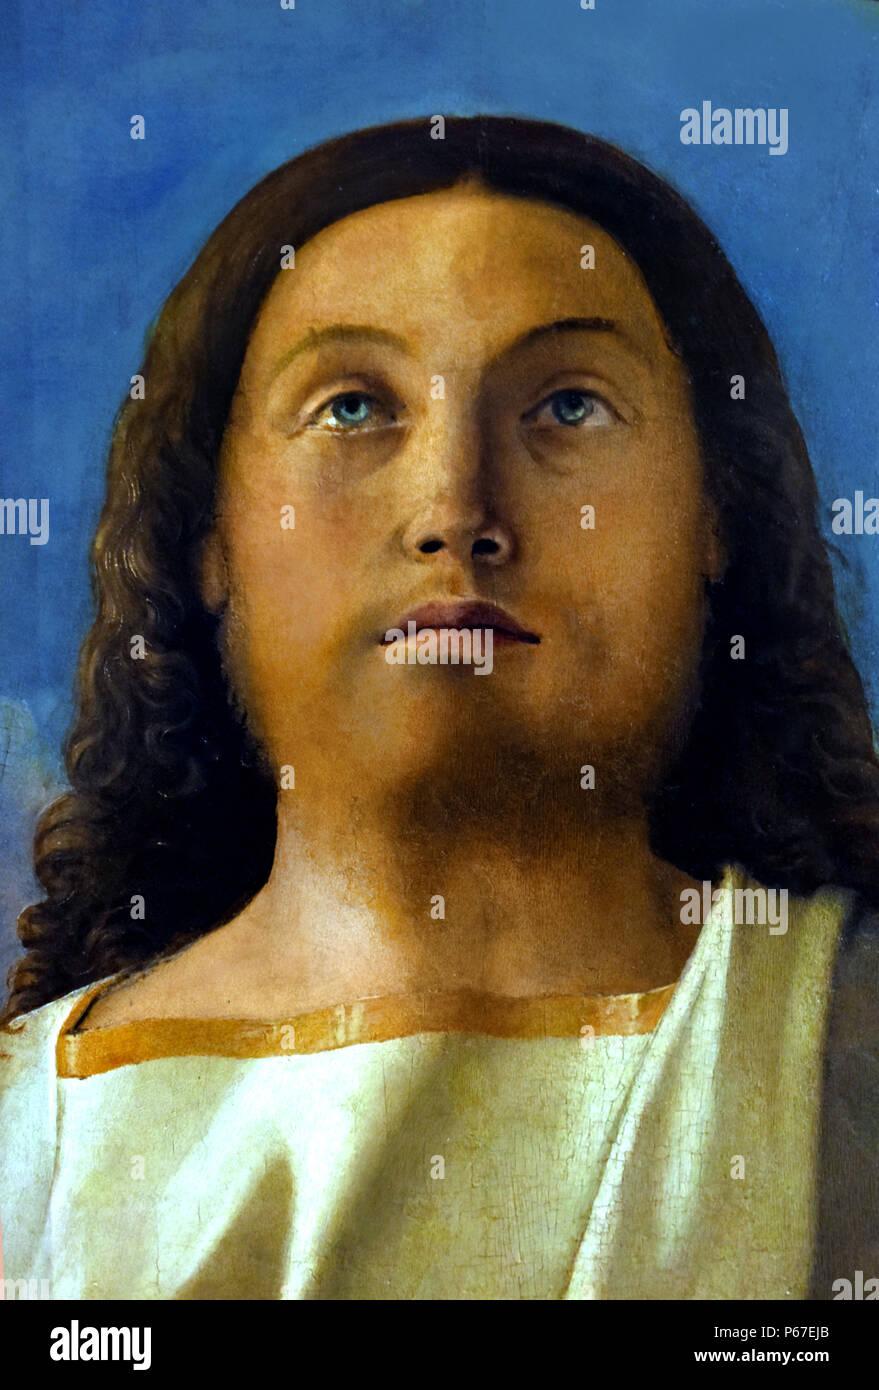 Testa del Redentore - Testa di Cristo da parte di Giovanni Bellini ,Venezia, 1434/1439 - 1516 Italia, ITALIANO, Immagini Stock